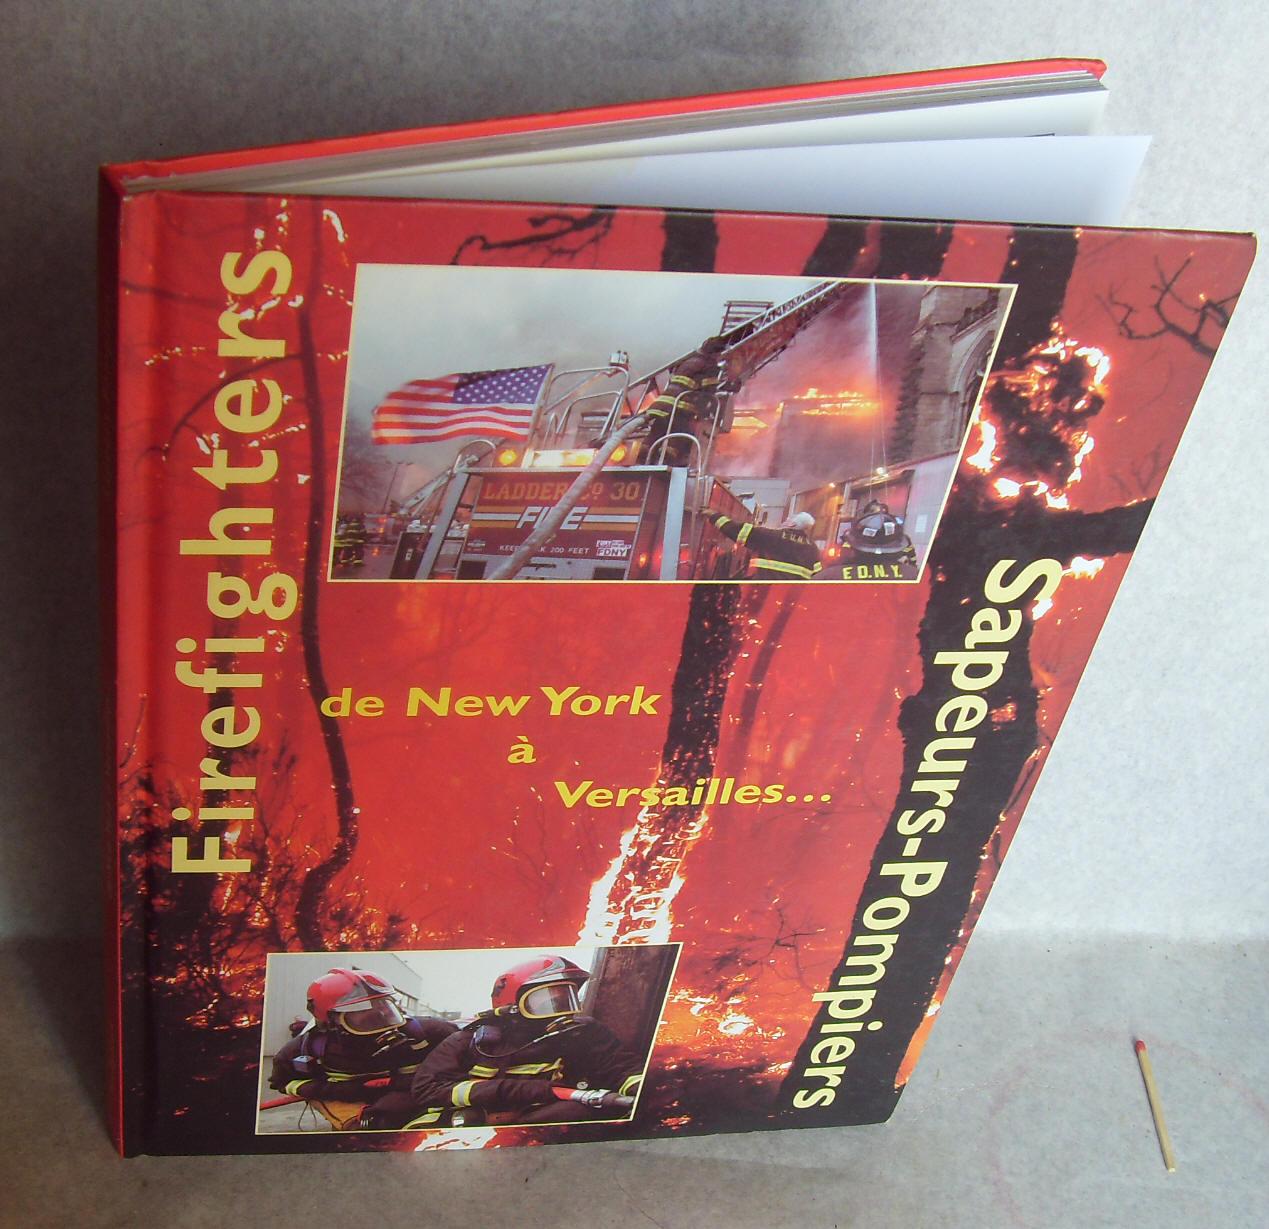 Firefighters sapeurs pompiers de new york versailles 2003 album hommage - Point relais luxembourg ...